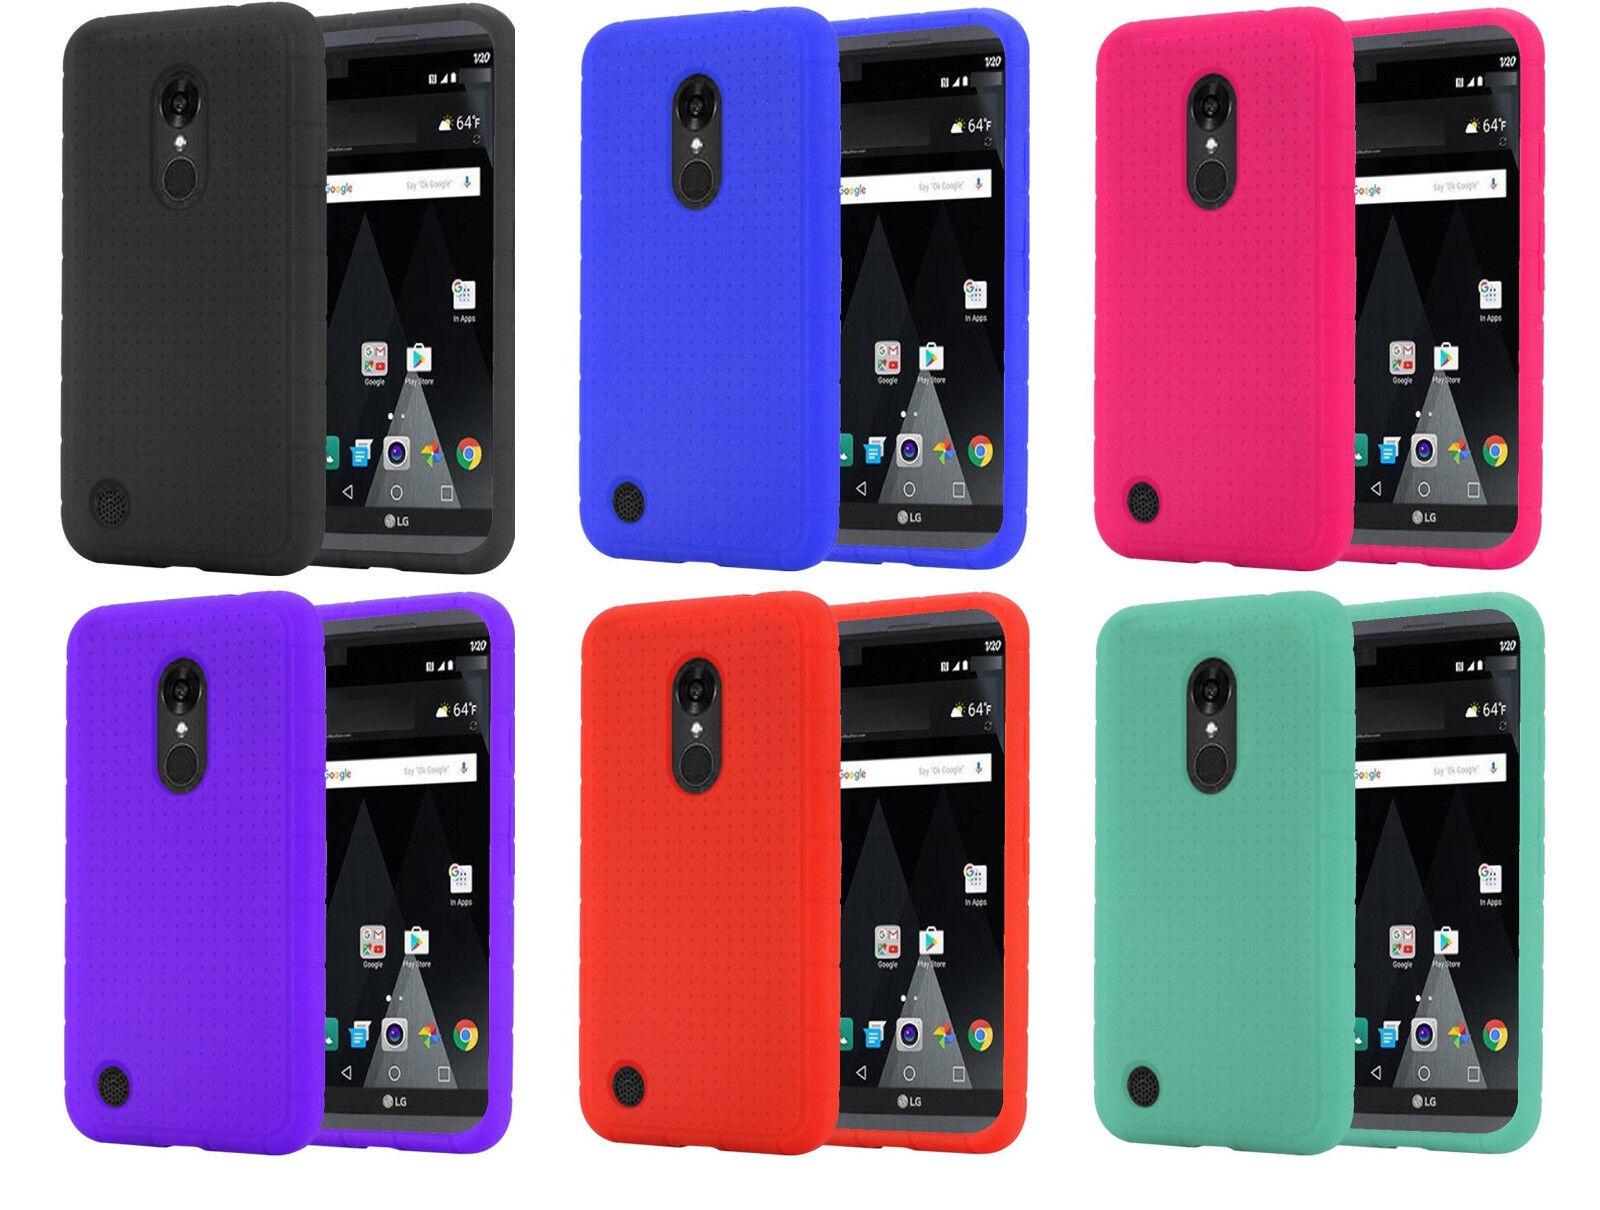 Купить Unbranded/Generic LG Rebel 2 LTE L57BL L58VL - Silicone Gel Skin Case Phone Cover For LG Rebel 2 LTE L57BL L58VL